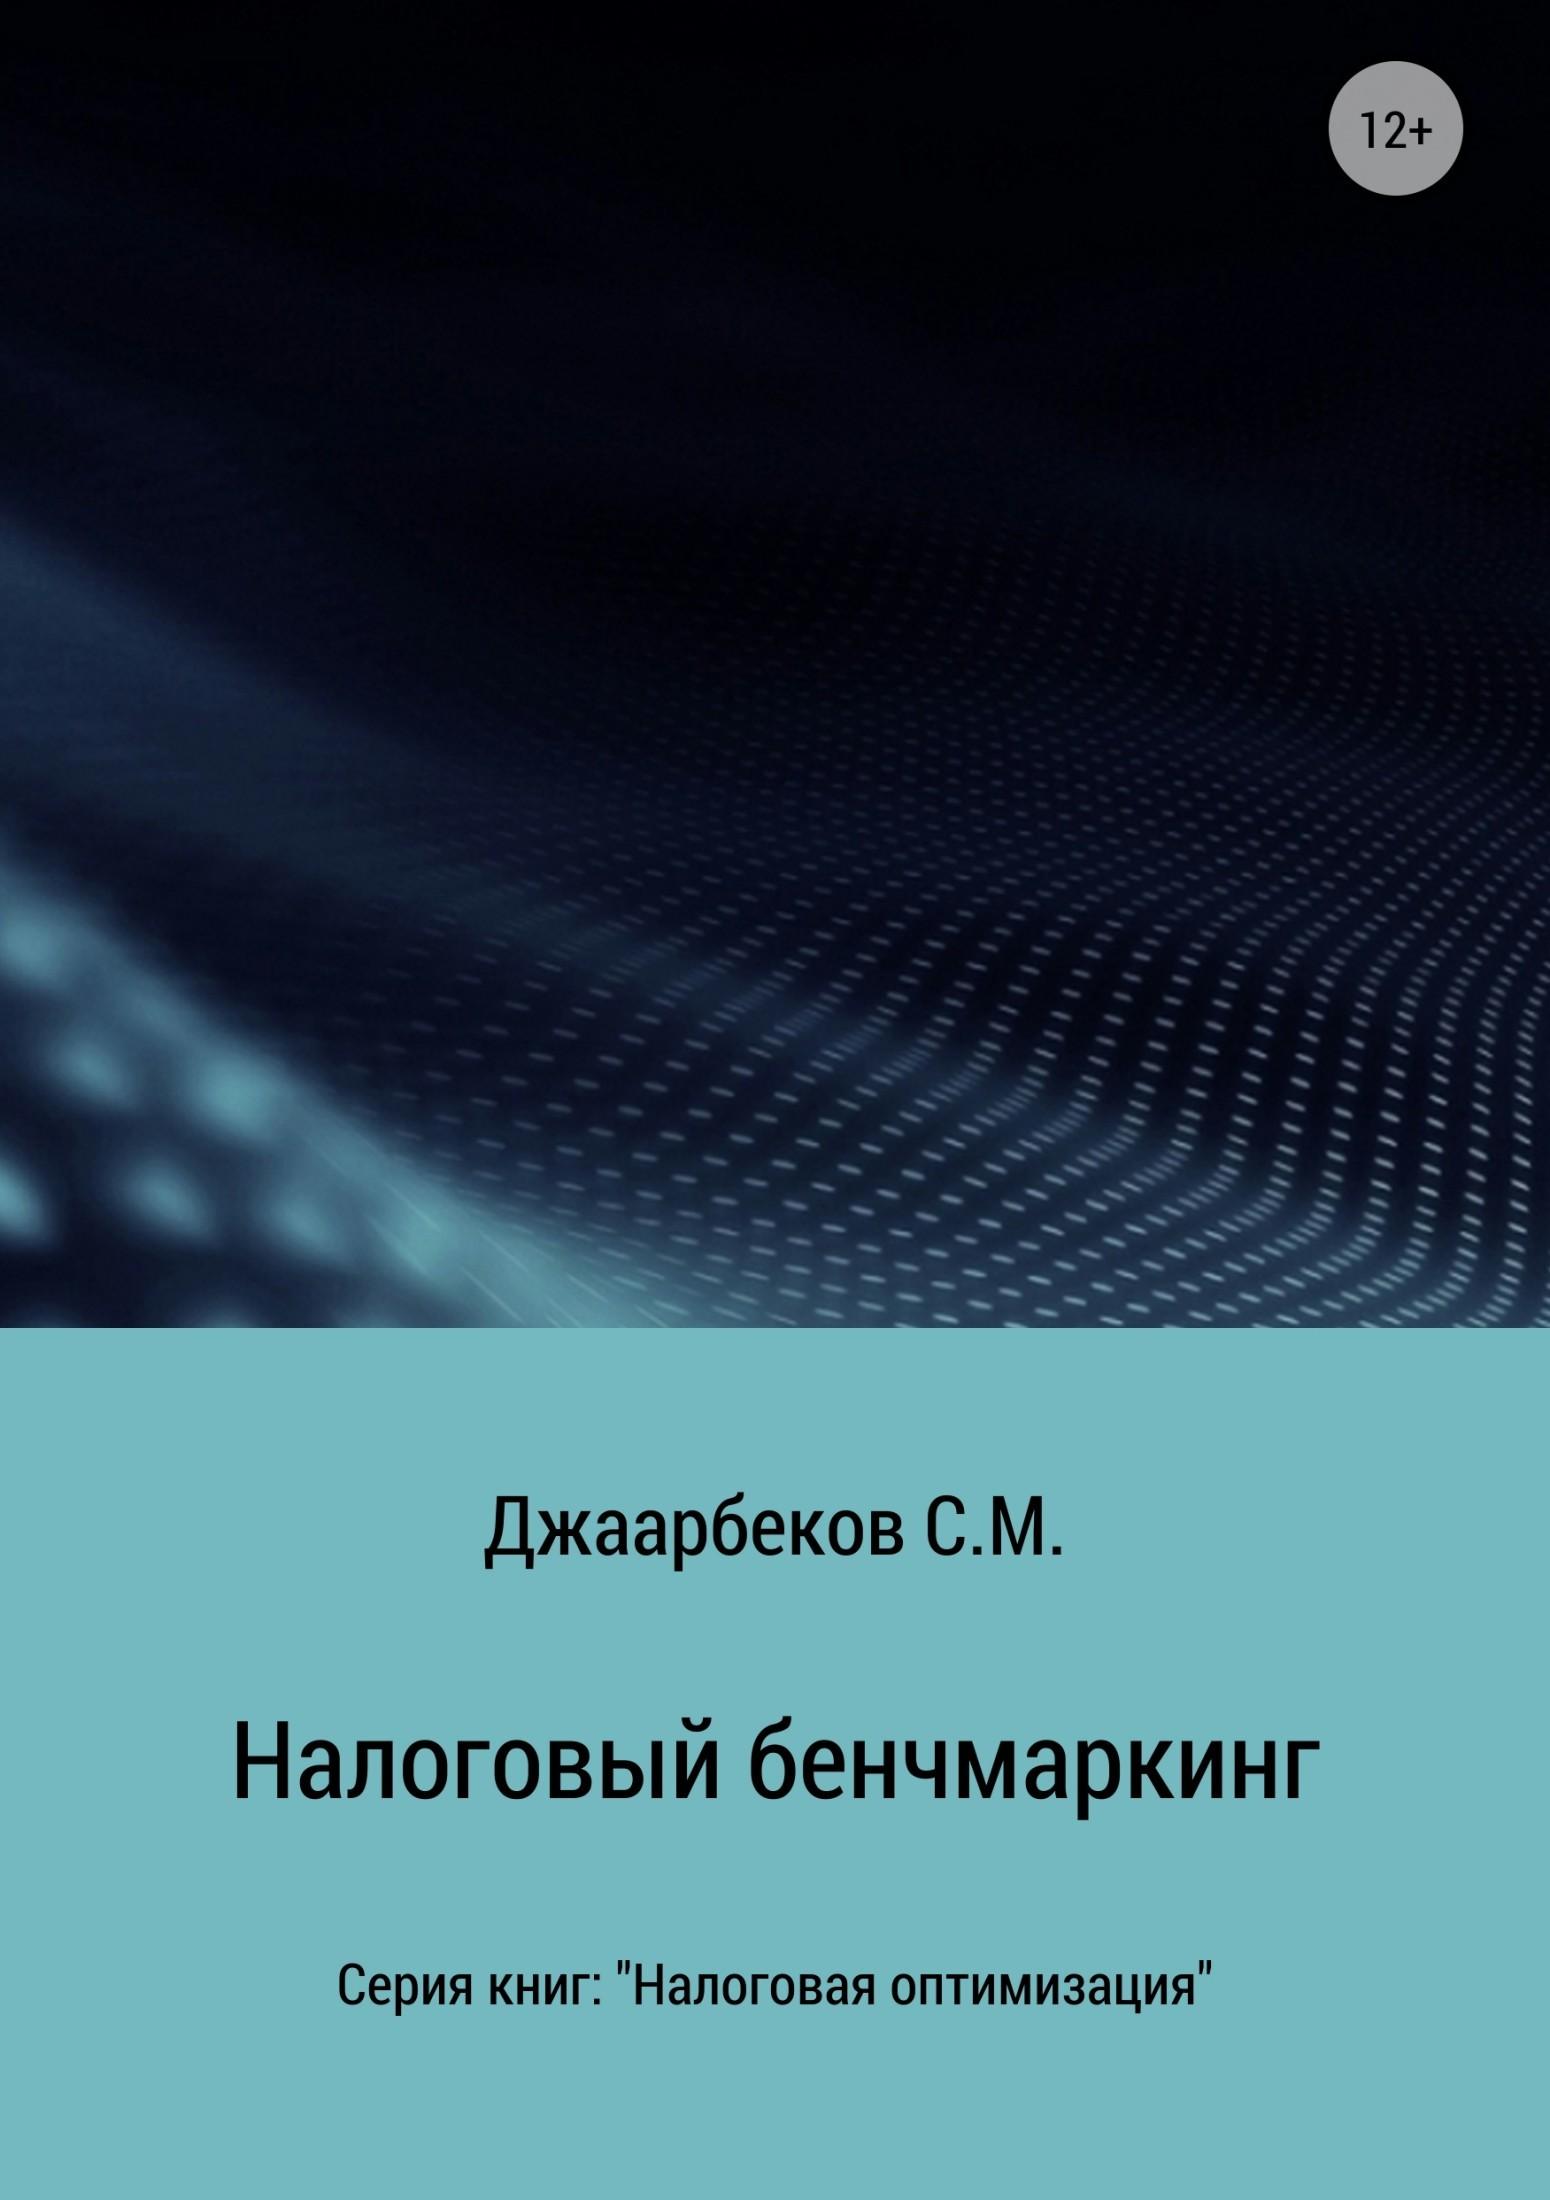 Обложка книги Налоговый бенчмаркинг